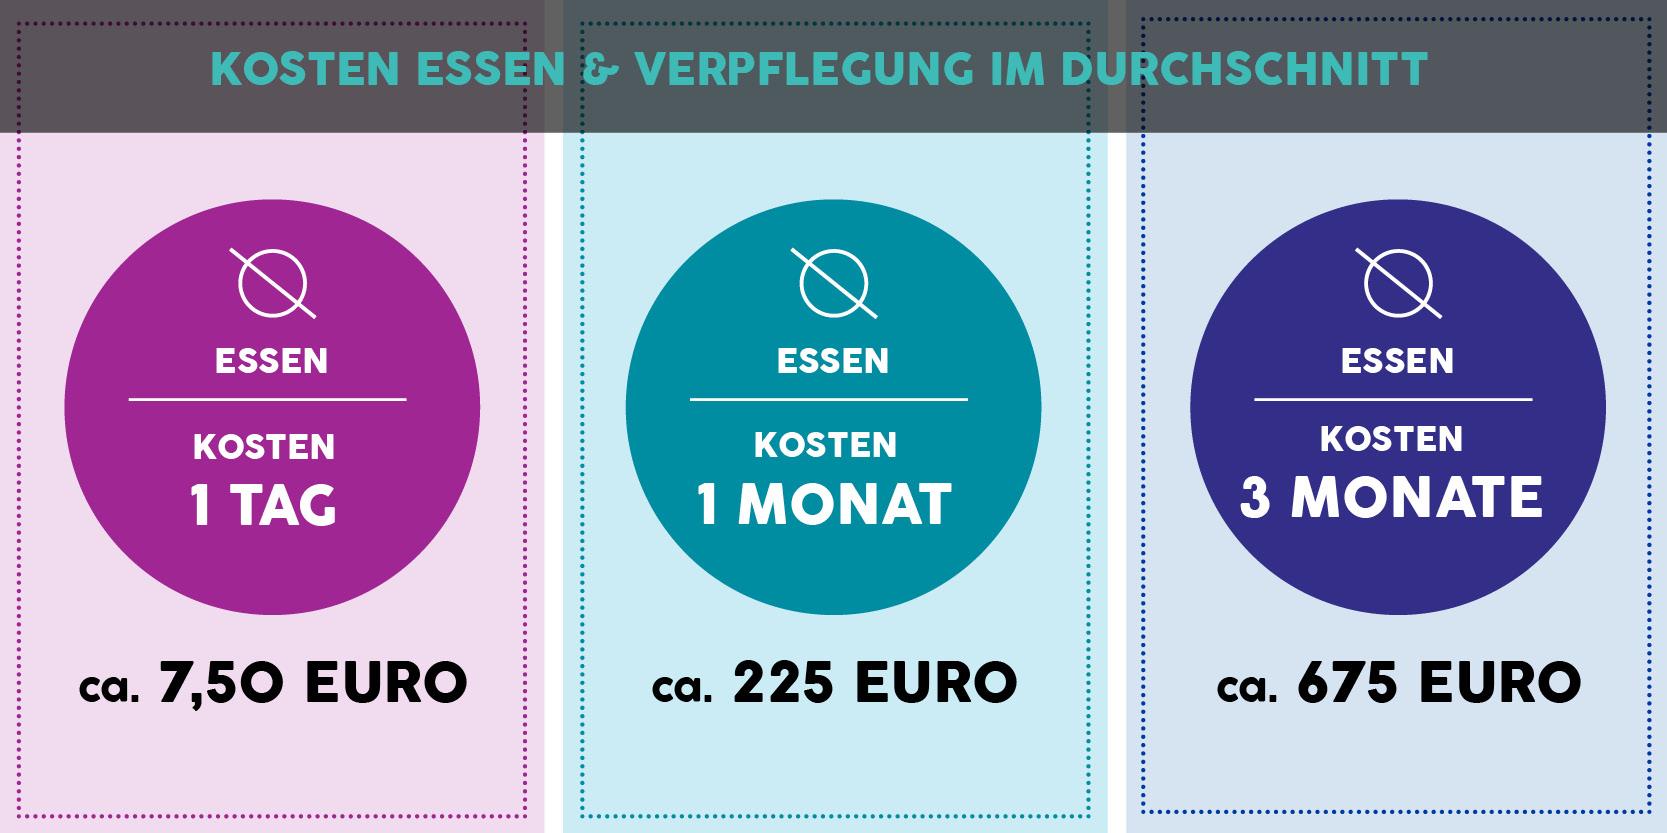 Kosten drei Monate Suedostasien